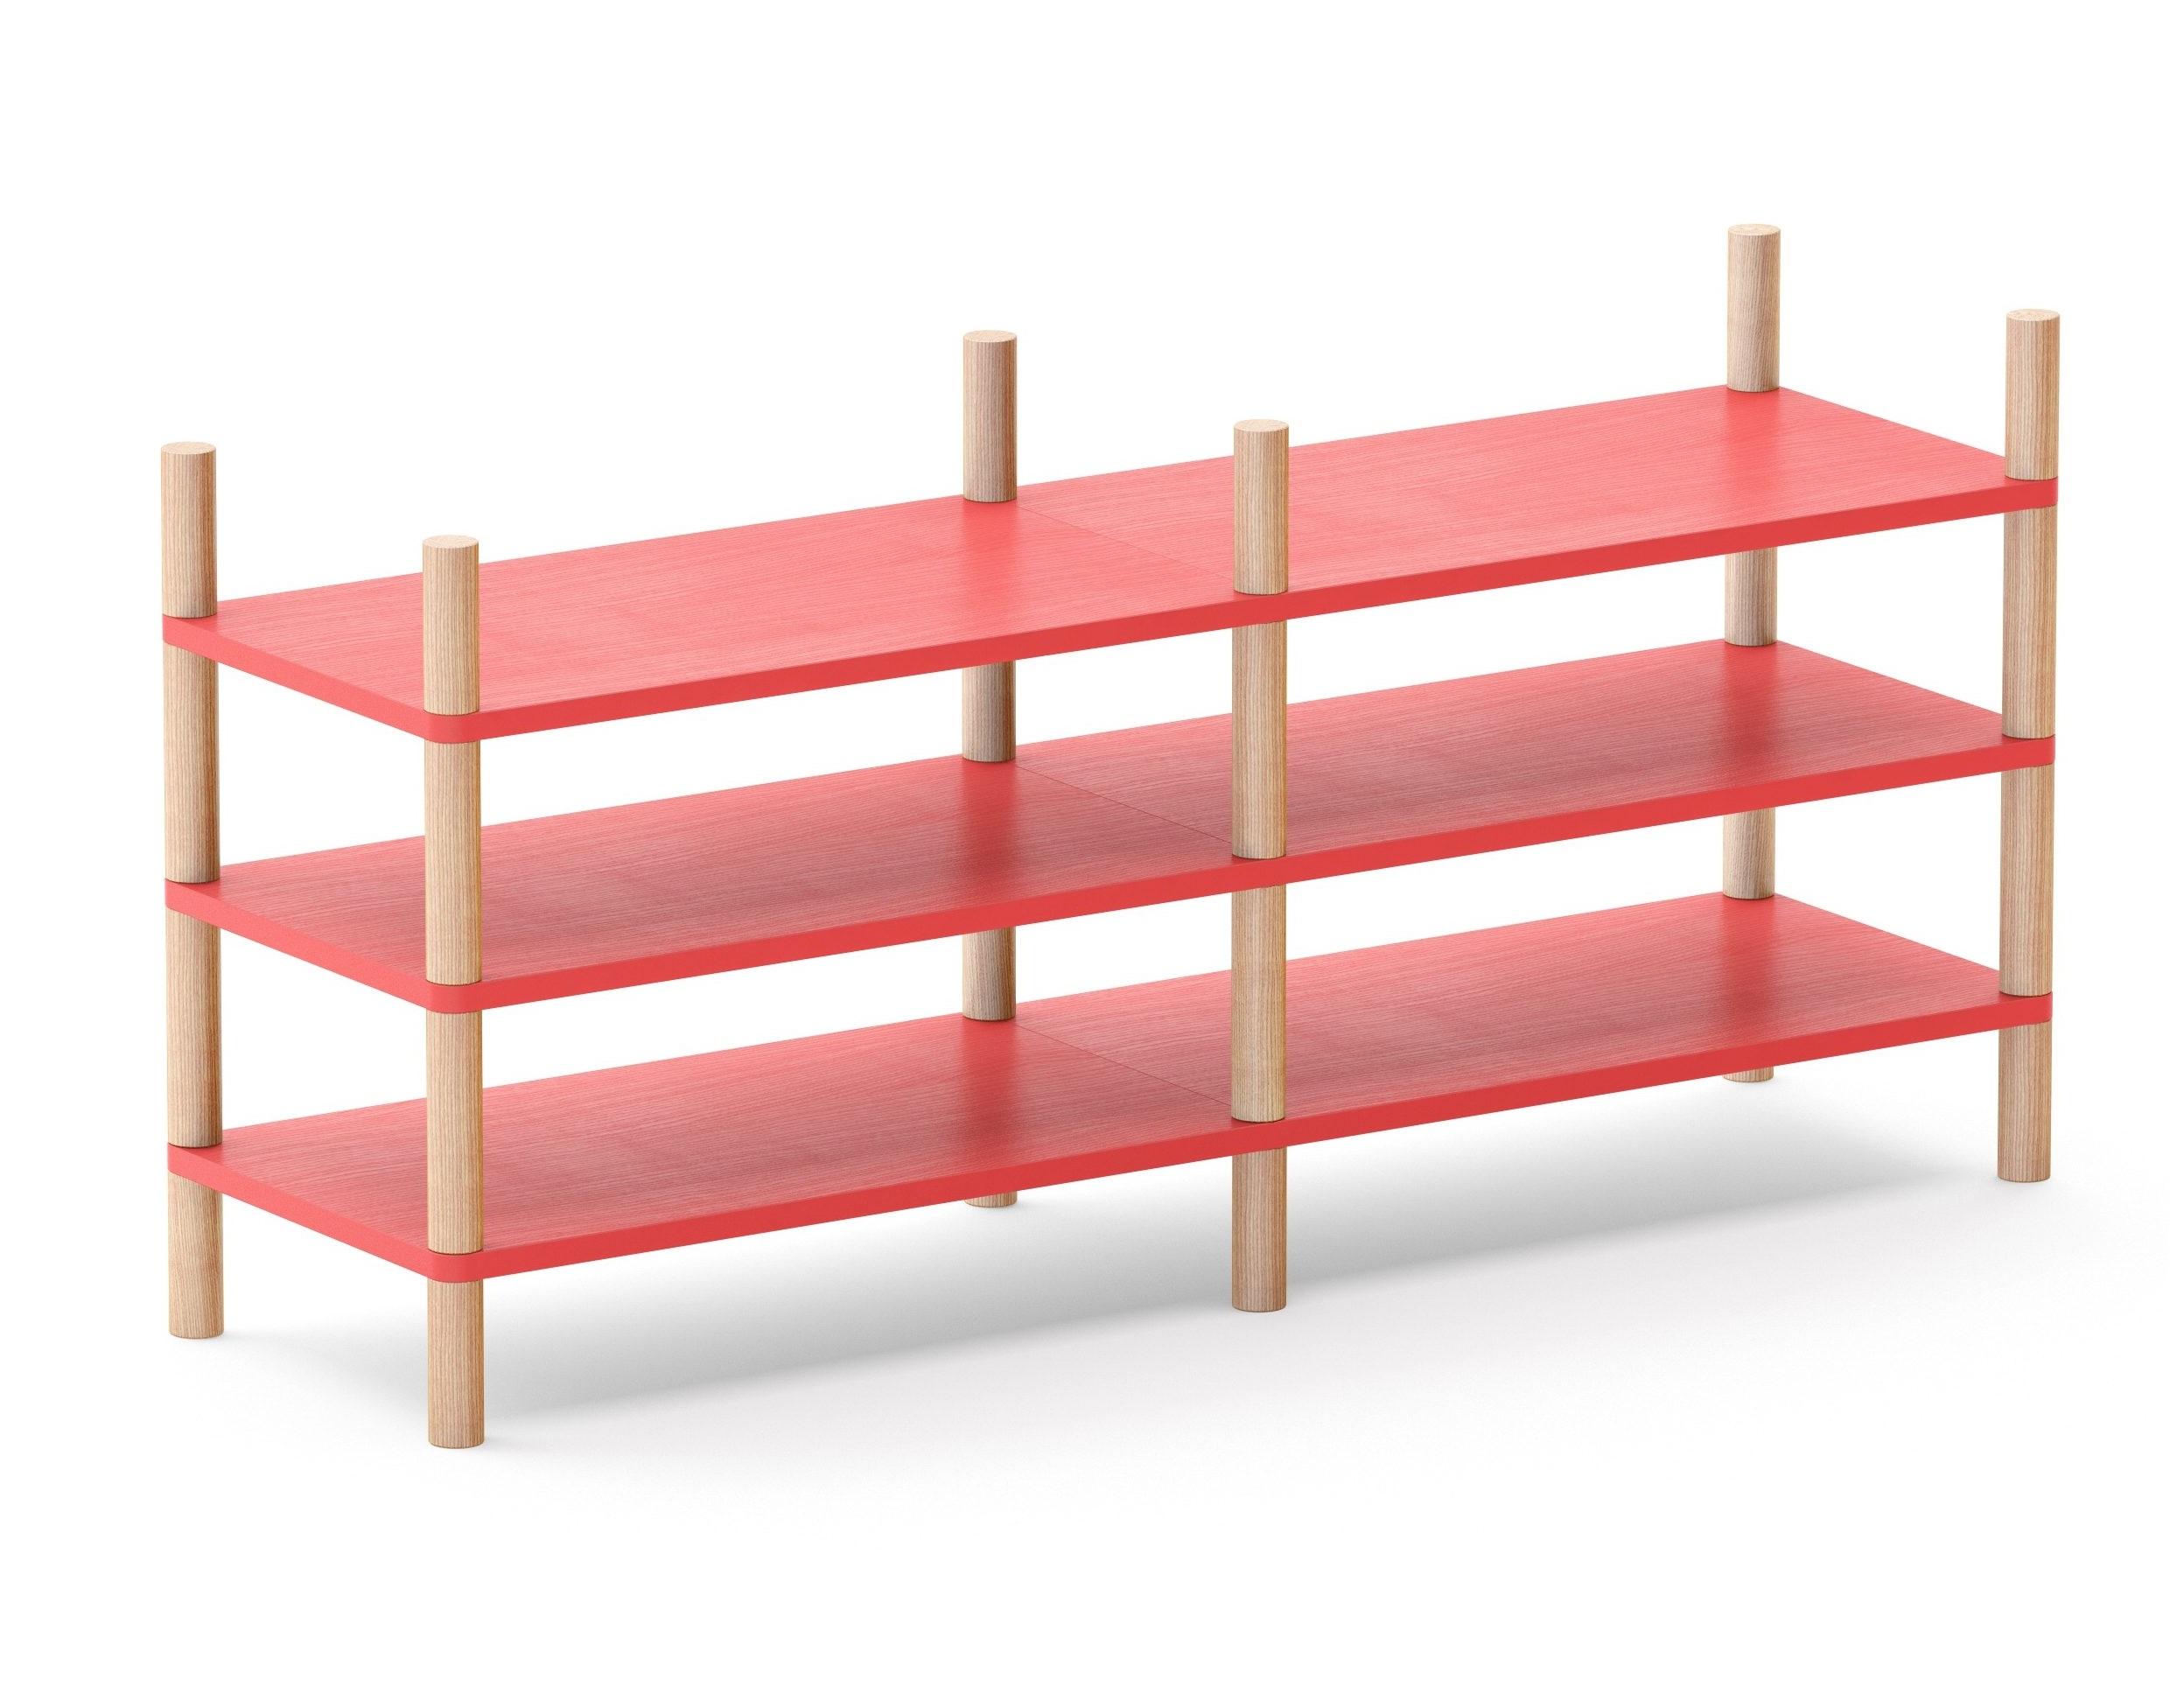 Тумба под ТВ ARNOТумбы под TV<br>&amp;lt;div&amp;gt;Тумба под ТВ, доступная во множестве цветовых вариантов, а также с темными или светлыми ножками.&amp;lt;/div&amp;gt;&amp;lt;div&amp;gt;&amp;lt;br&amp;gt;&amp;lt;/div&amp;gt;&amp;lt;div&amp;gt;Корпус: крашеный МДФ, ножки: массив ясеня. Возможен заказ изделия с отделкой текстурой дерева, стоимость уточняйте у менеджера.&amp;lt;/div&amp;gt;<br><br>Material: МДФ<br>Ширина см: 160<br>Высота см: 73<br>Глубина см: 45